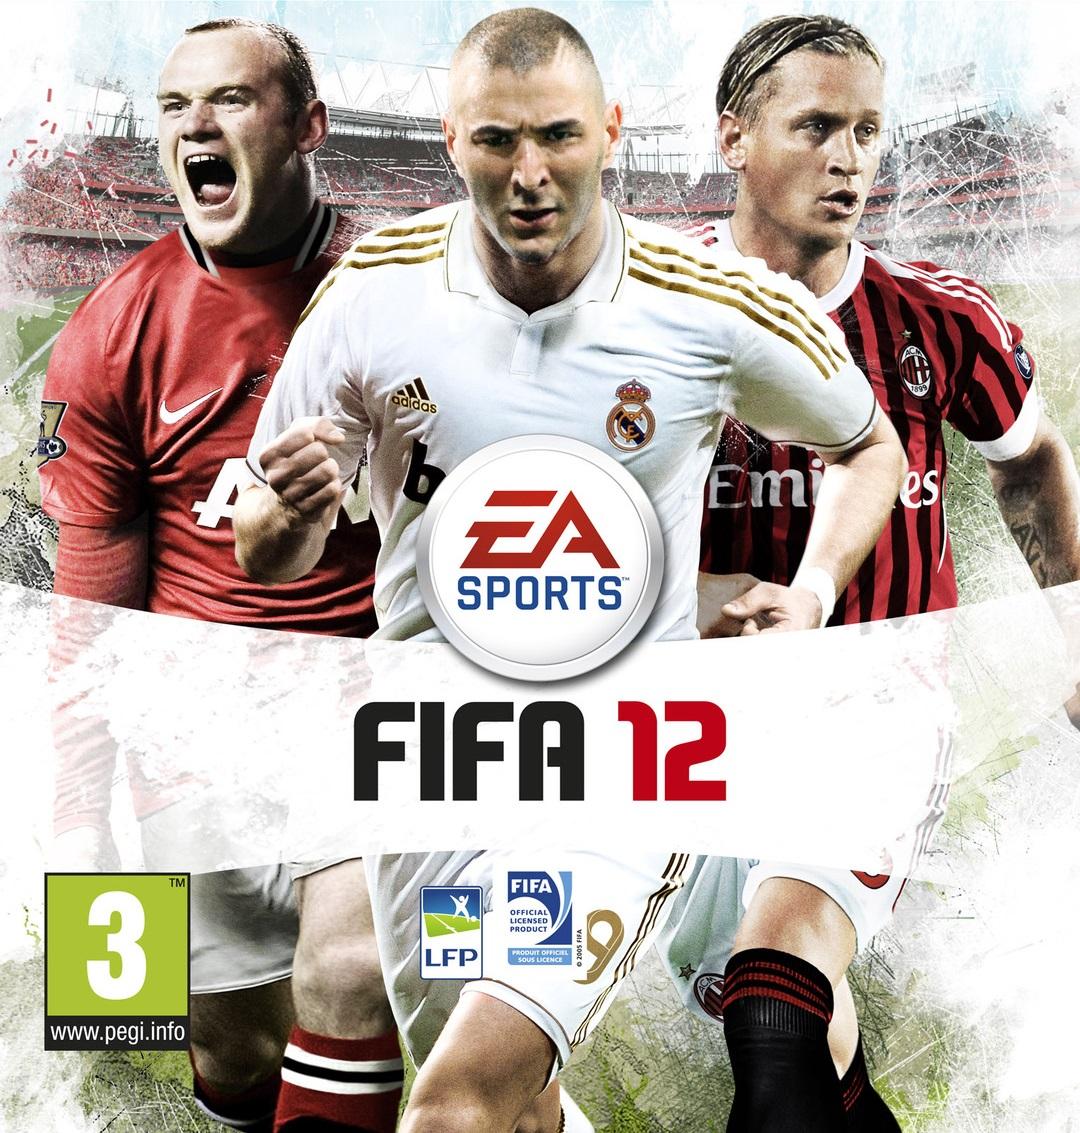 تحميل لعبة كرة القدم فيفا 12 - FIFA 12